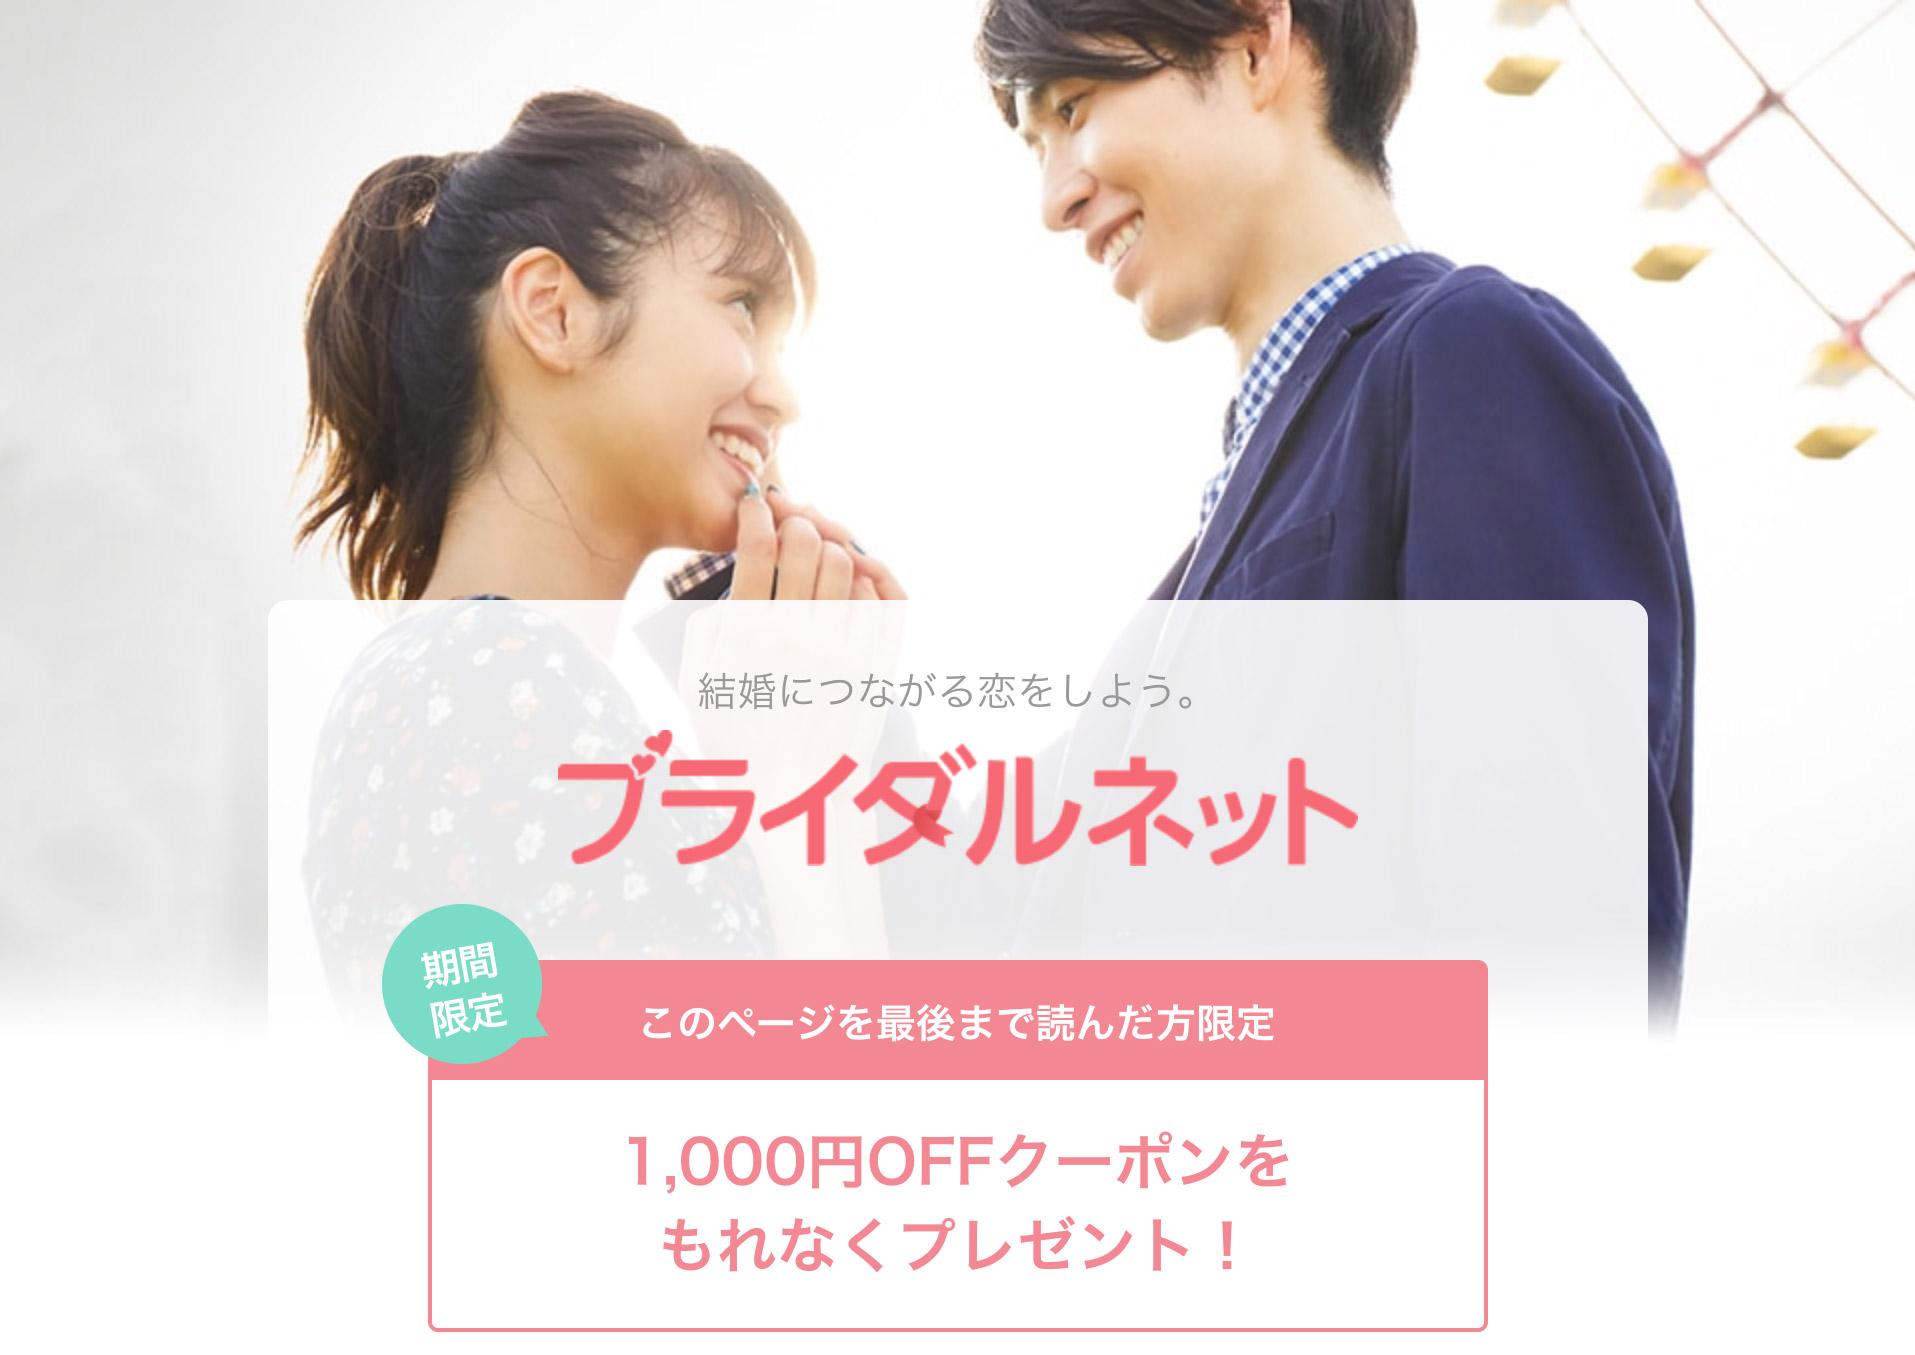 ブライダルネットが期間限定クーポン配布中!3ヶ月プランが1,000円OFF 割引になるクーポン。